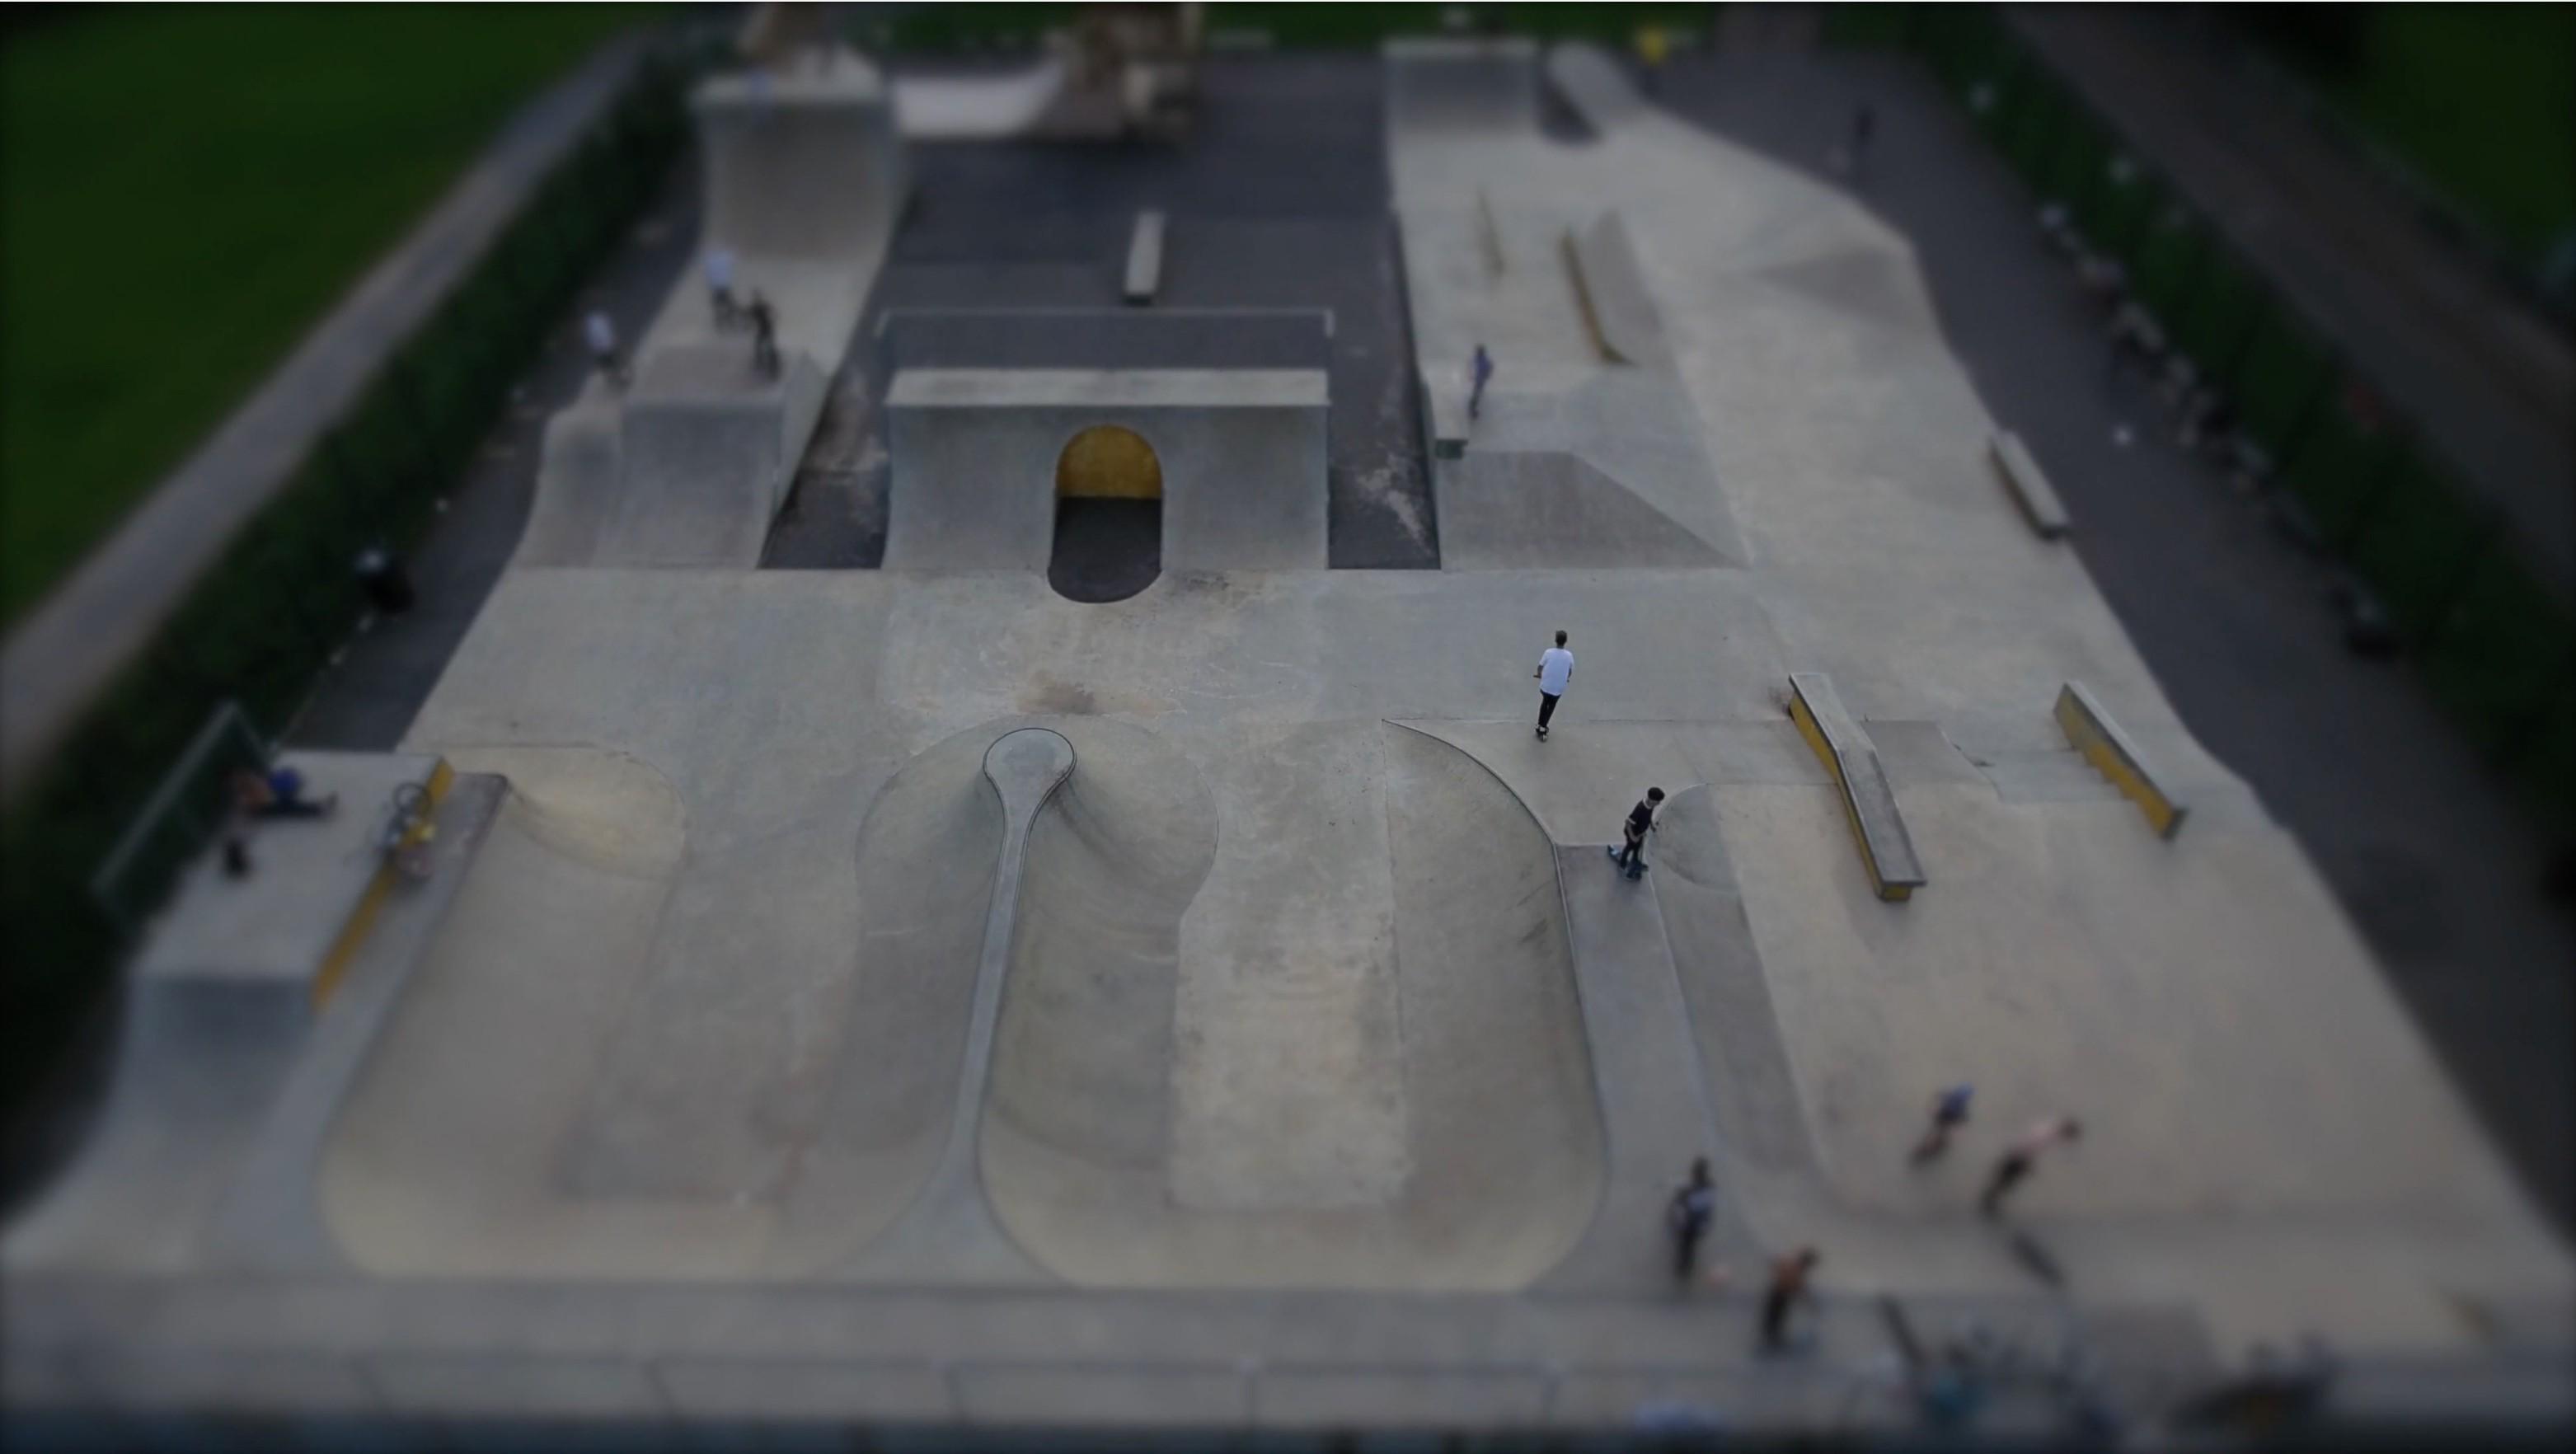 Kettering Skatepark aerial photo